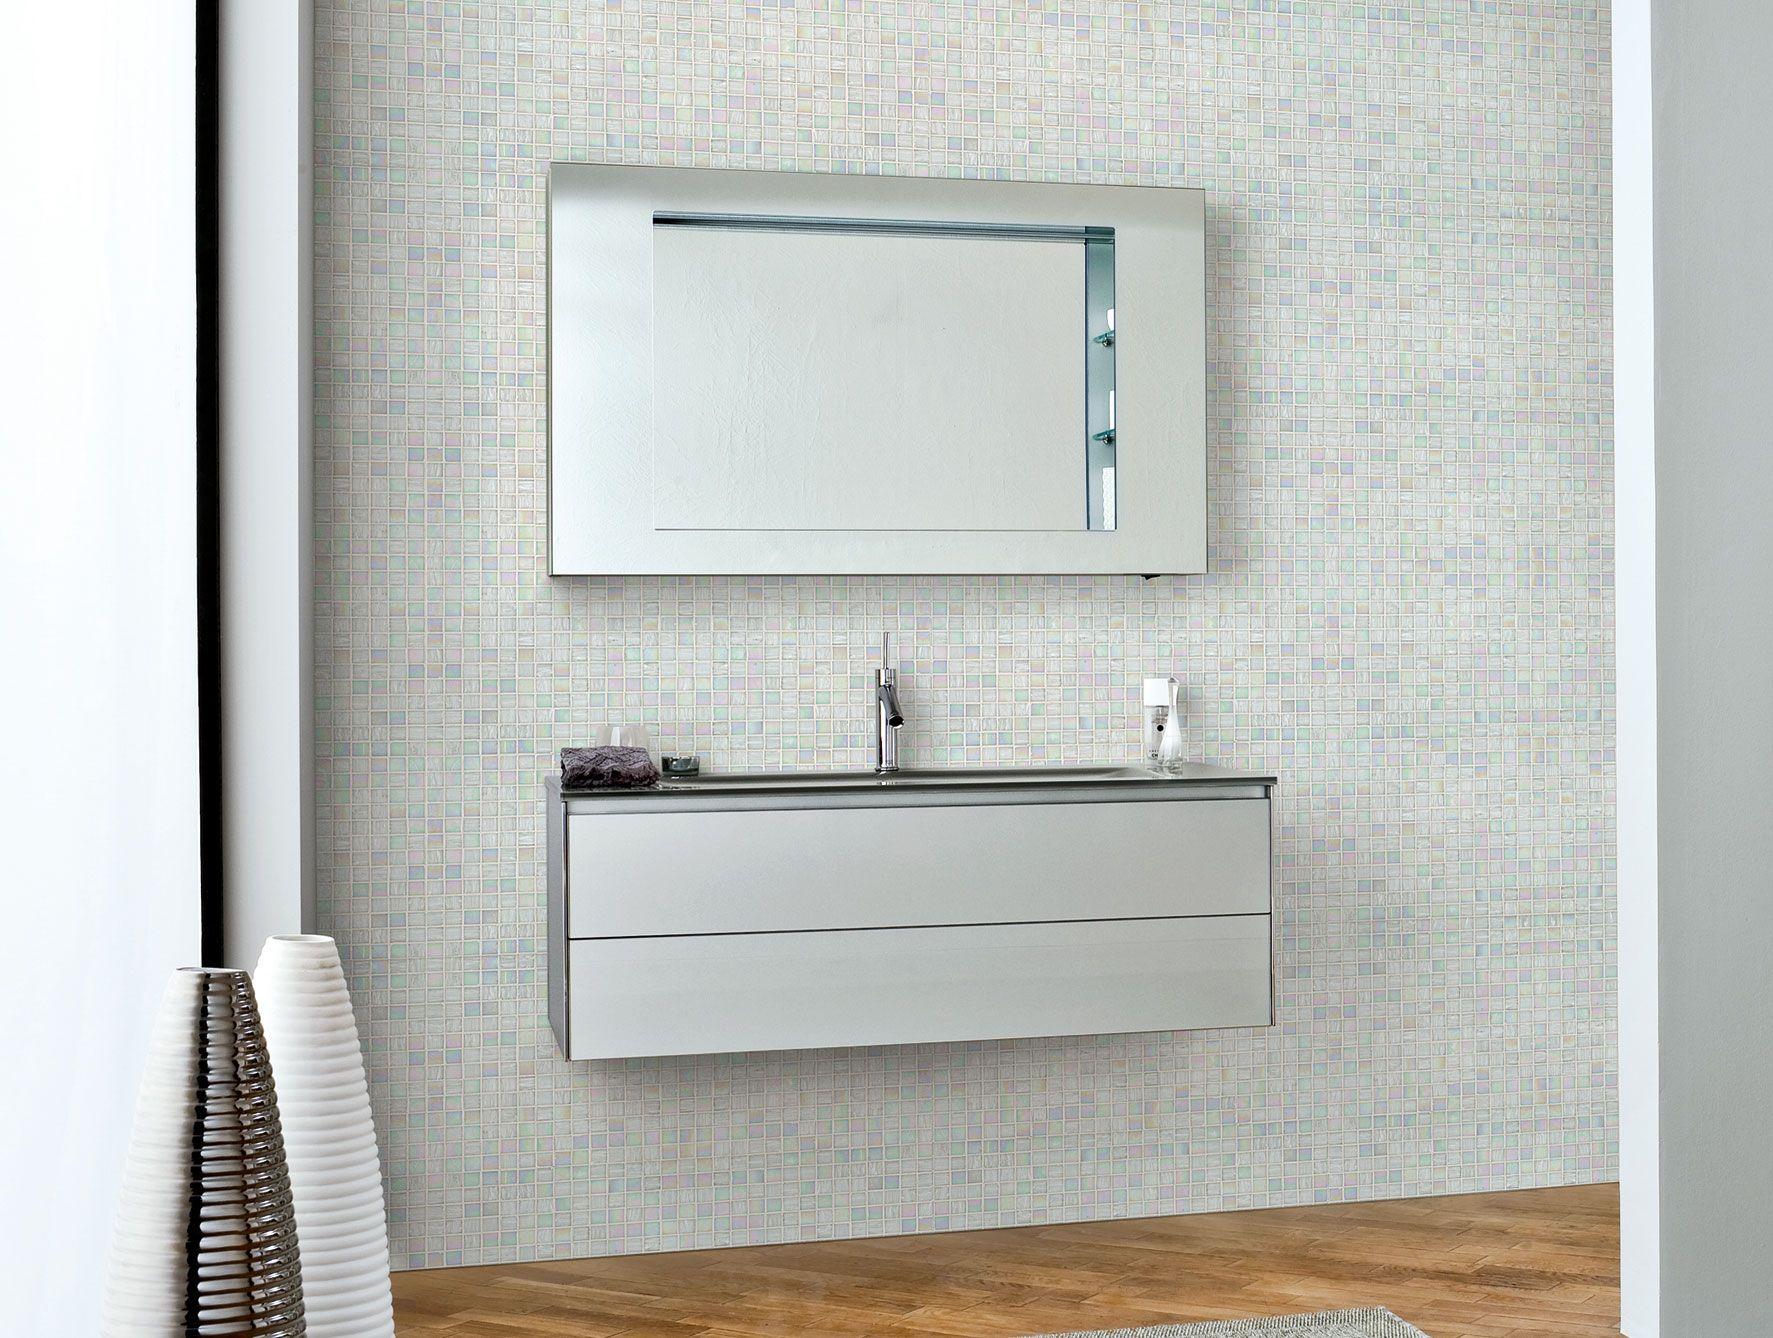 Badezimmer eitelkeit tops moderne badezimmer design merkmale eitelkeit waschbecken für